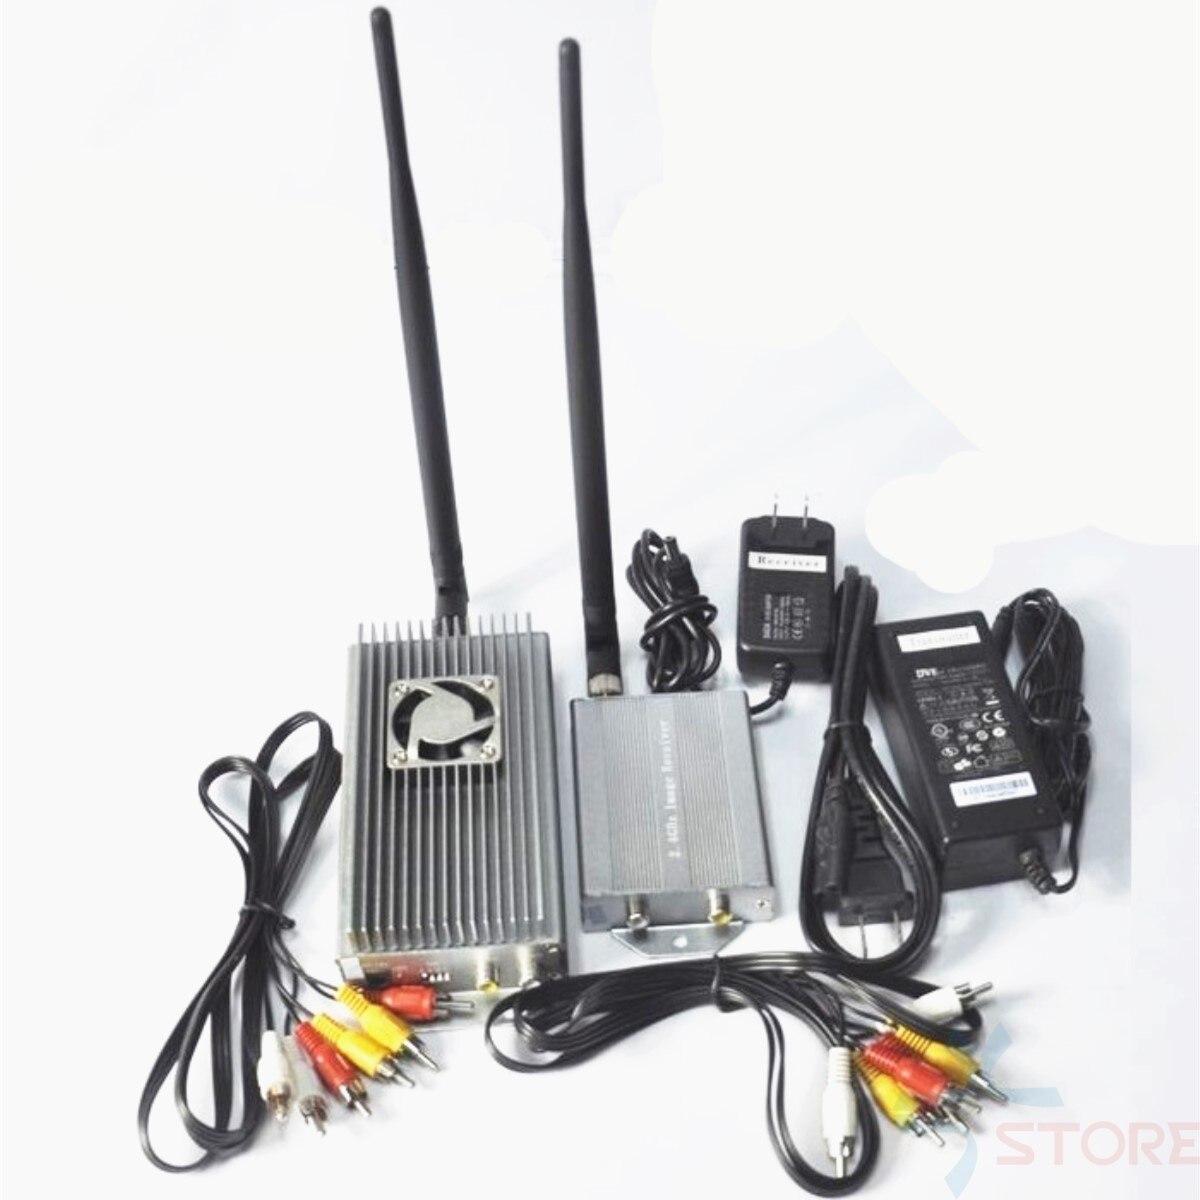 Émetteur-récepteur audio de vidoe d'émetteur-récepteur sans fil de la grande puissance 2.4Ghz 10W 4CH pour l'émetteur-récepteur de drone FPV